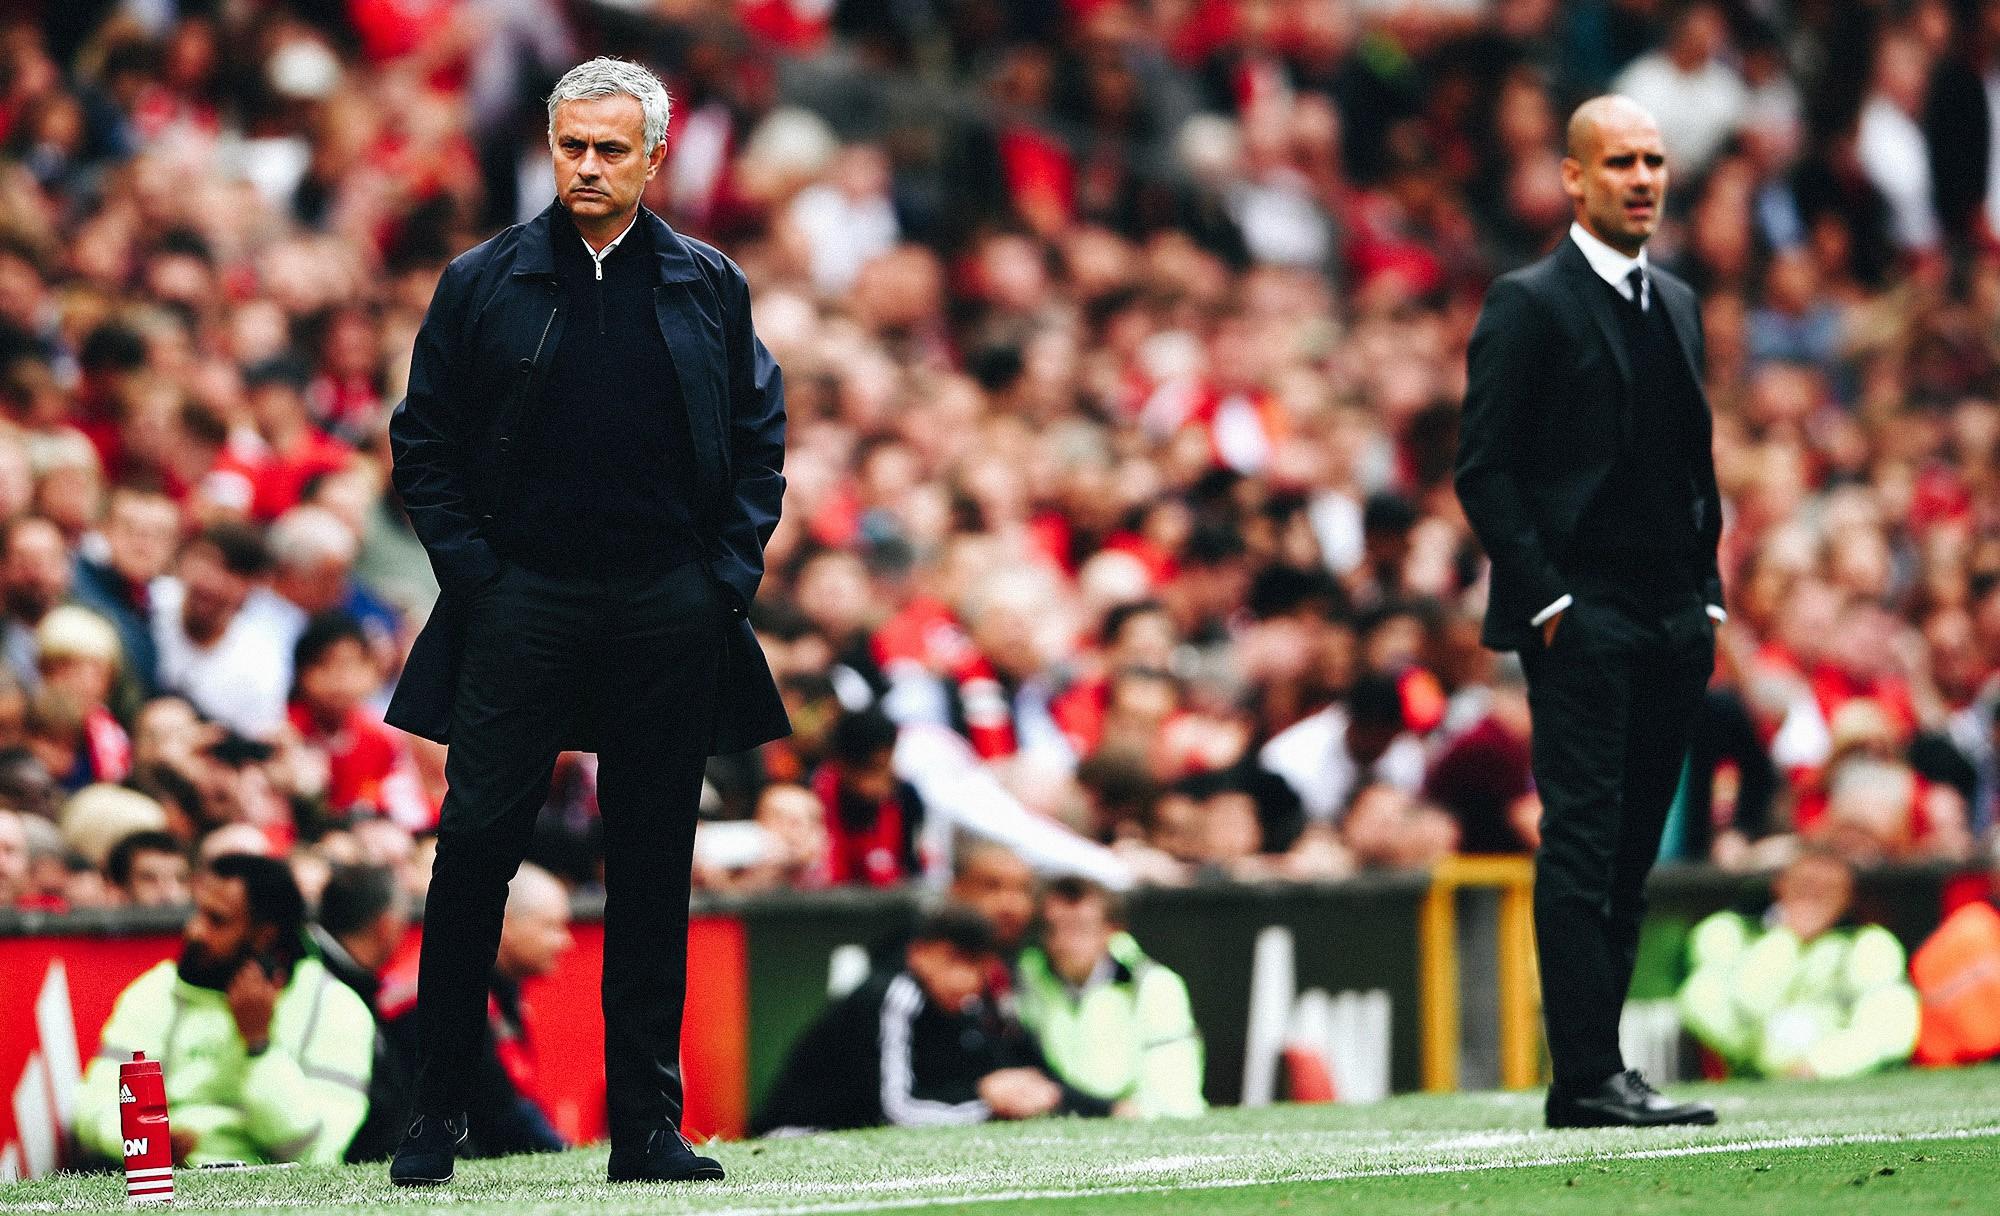 Mourinho, Pep & đại chiến Manchester: Đàn ông đích thực còn cần cả kẻ thù nữa! - Ảnh 8.